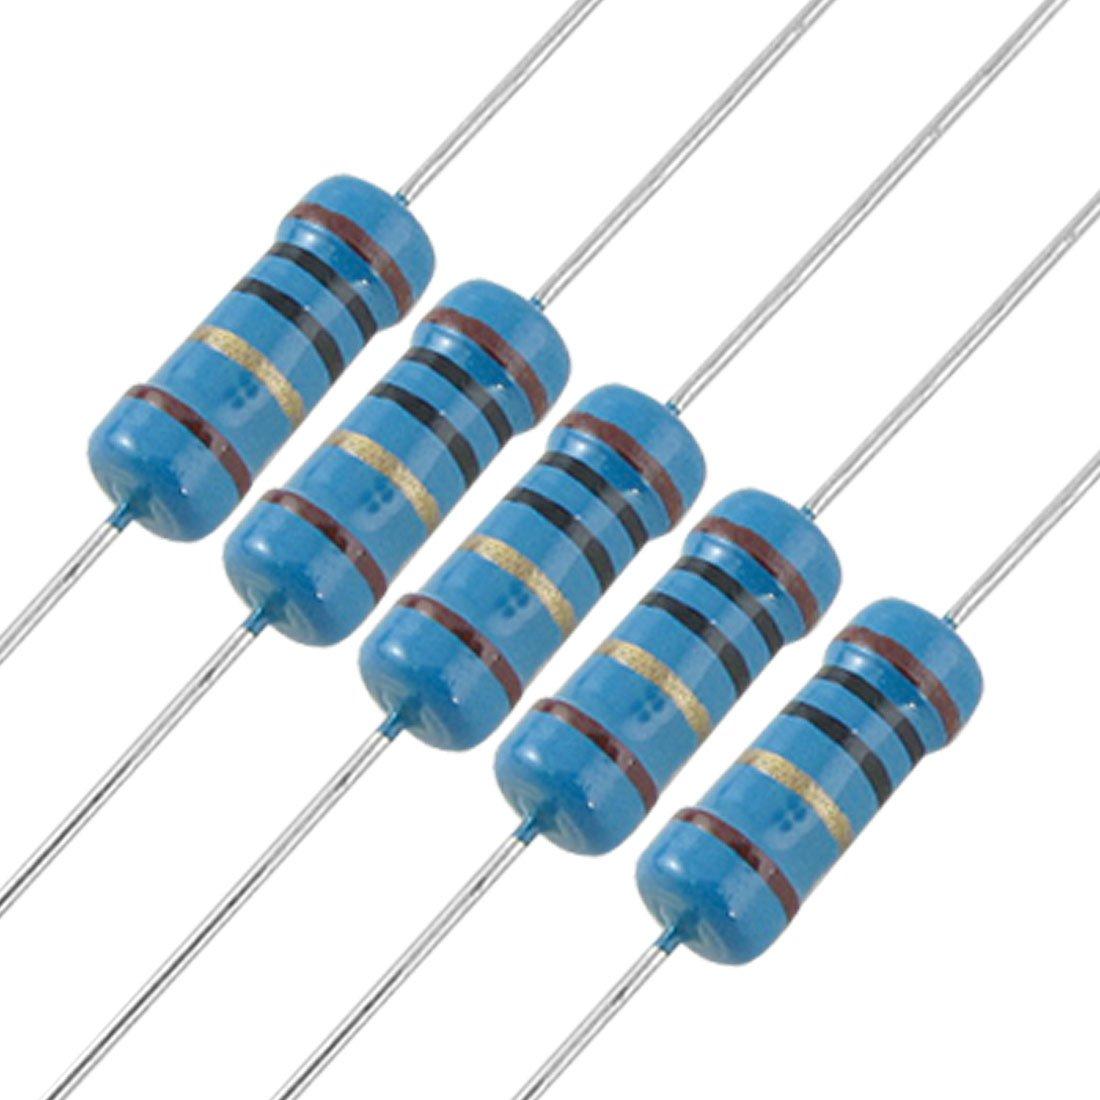 164res317 10 kohm 10x 1w metal film resistor royal ohm 10k ohm 1/%